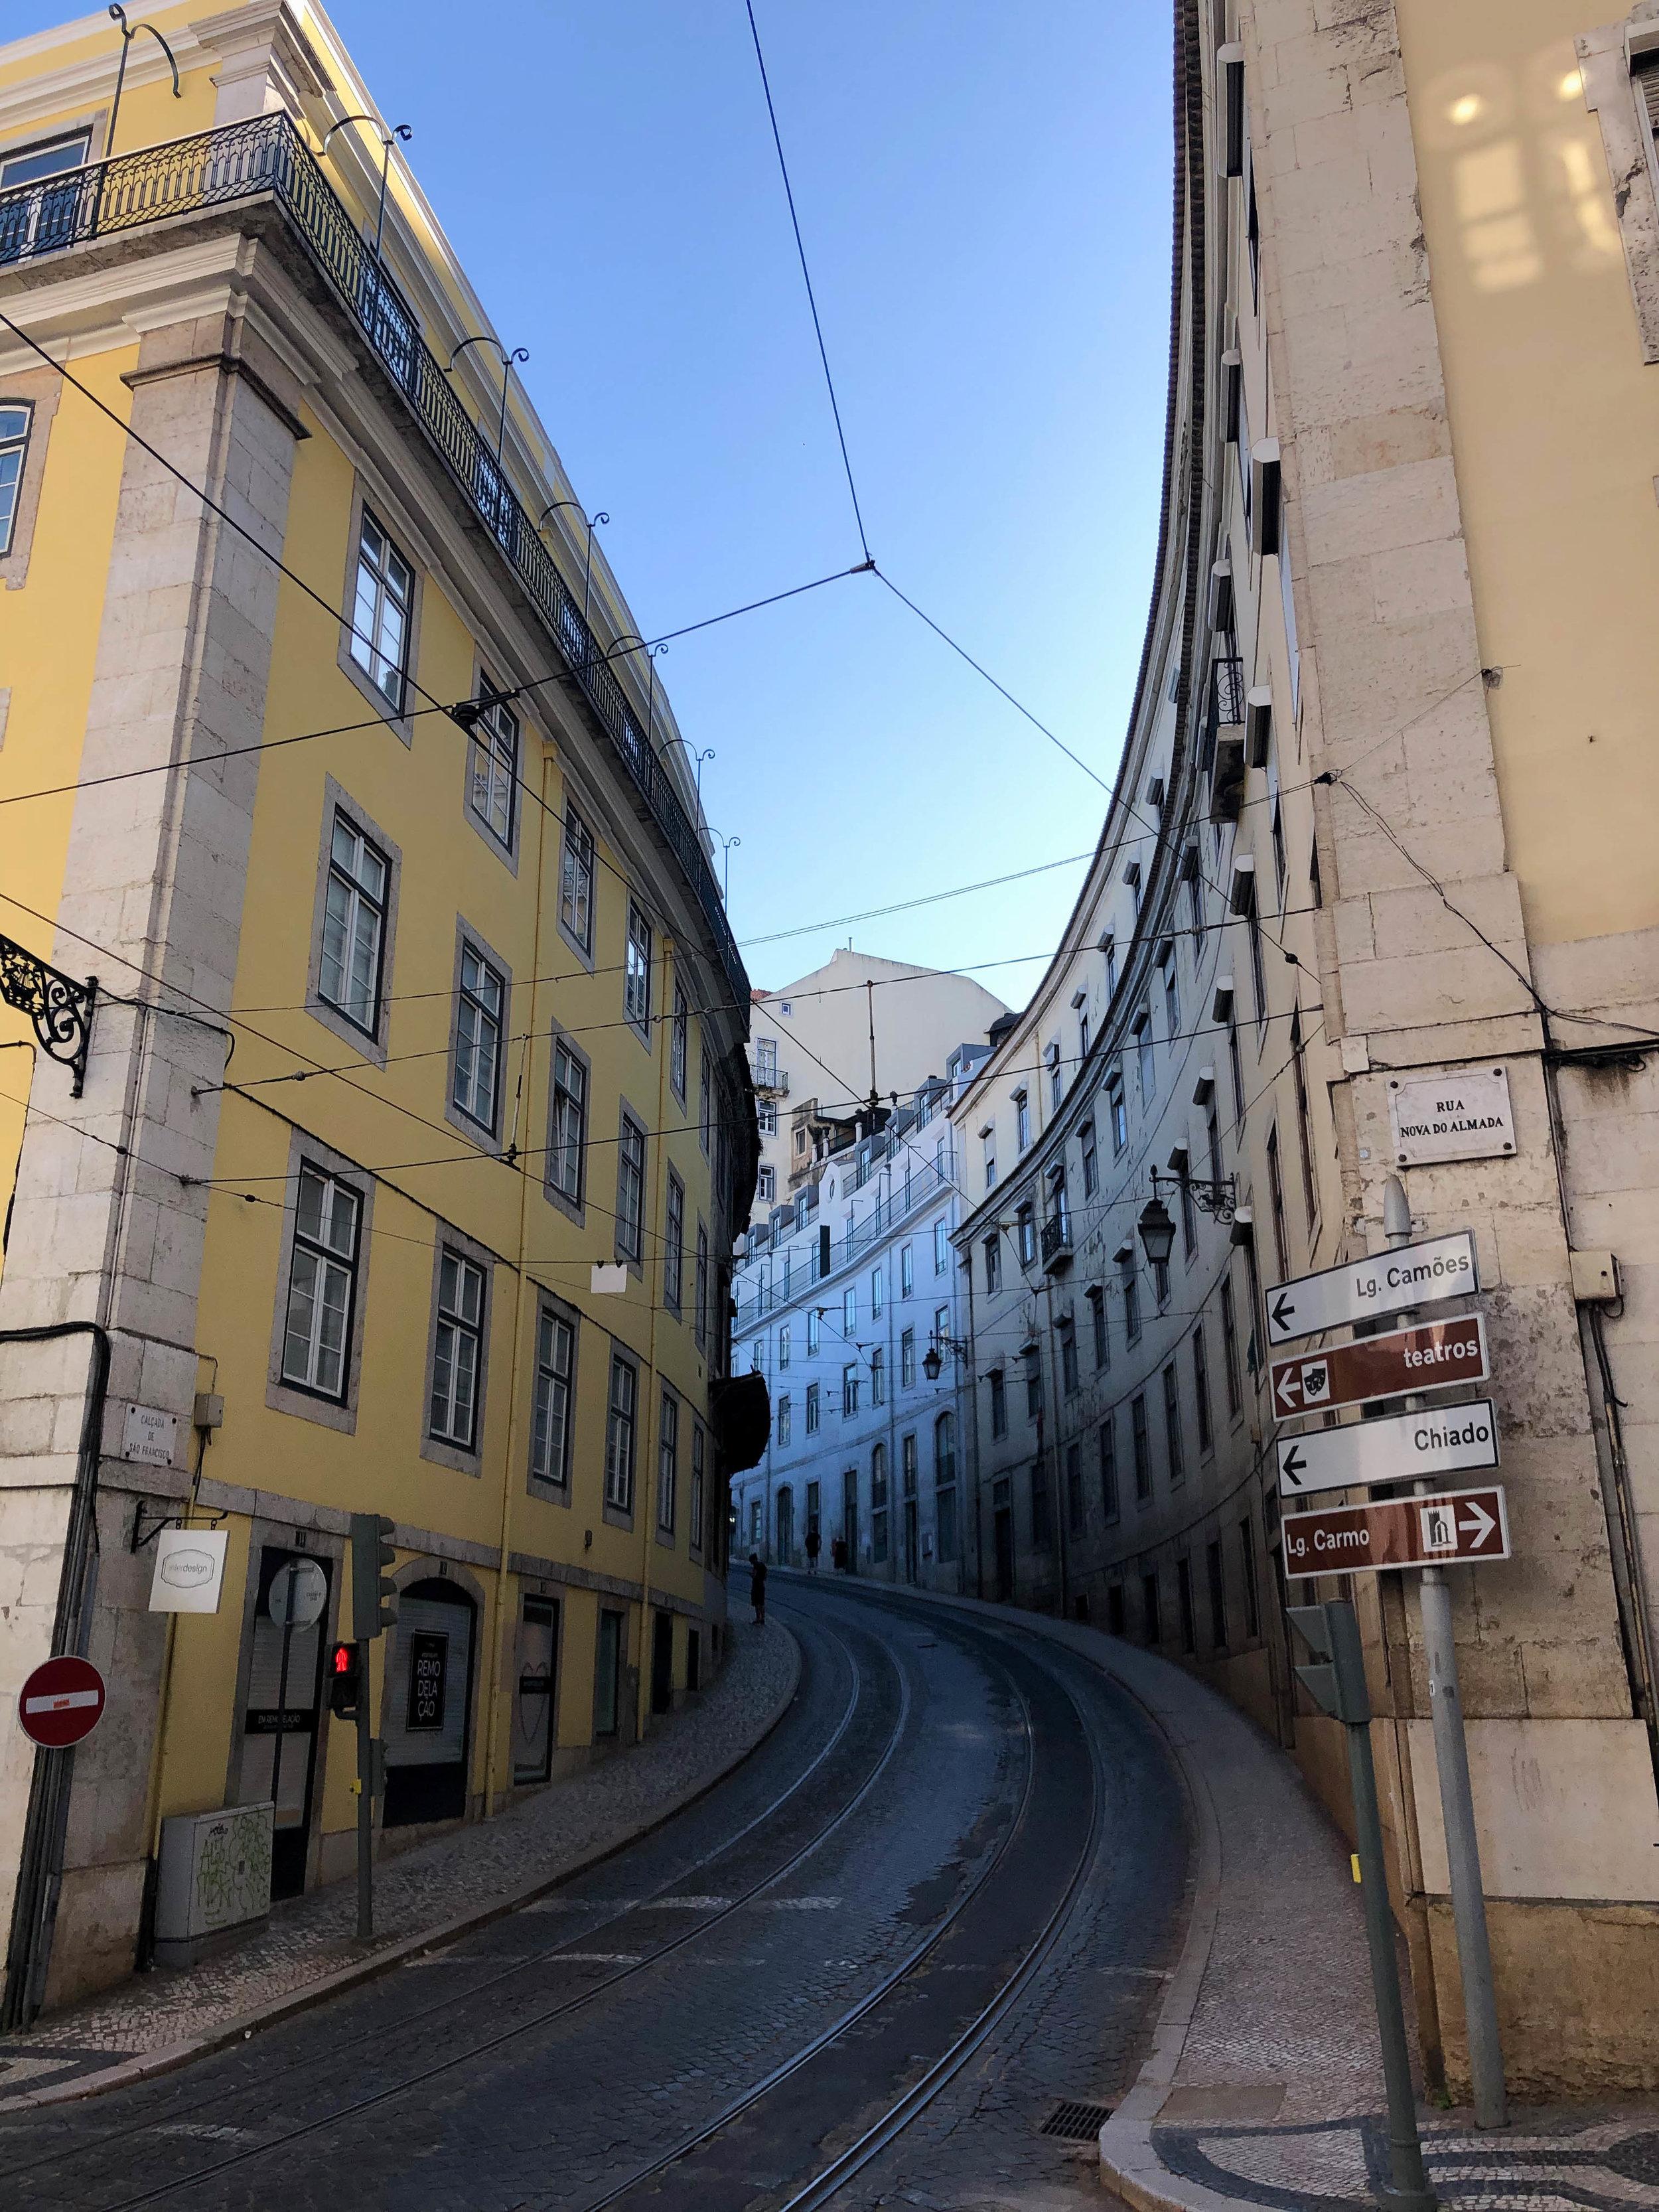 Lisboa Wondrous Abyss 66.jpg